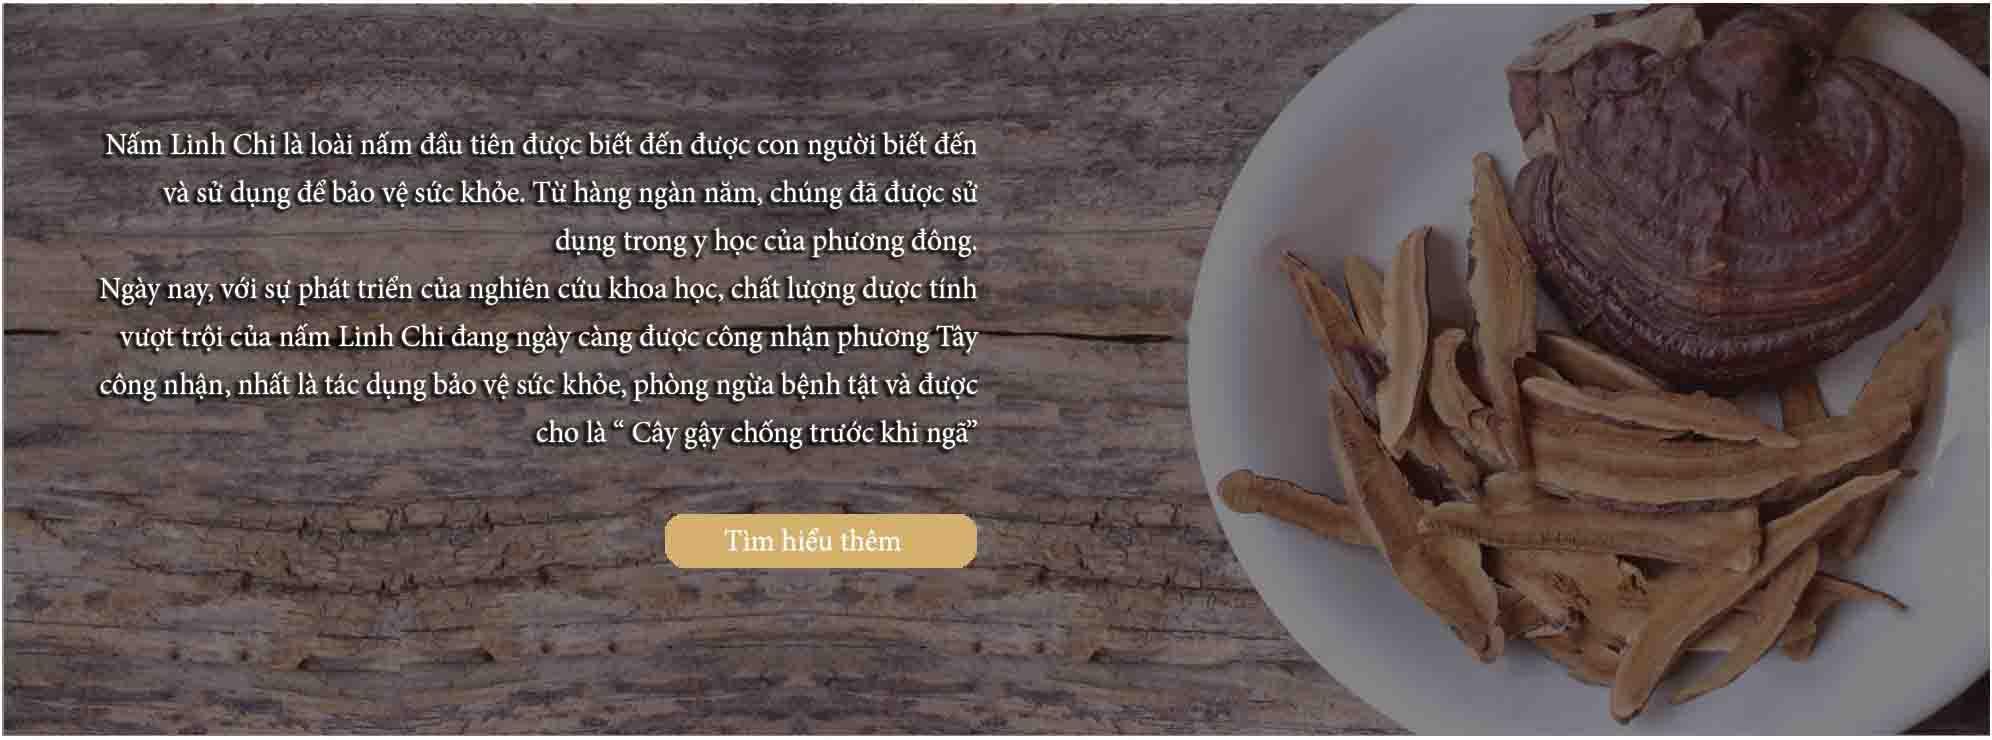 Giới thiệu về nấm linh chi Hoàng Gia